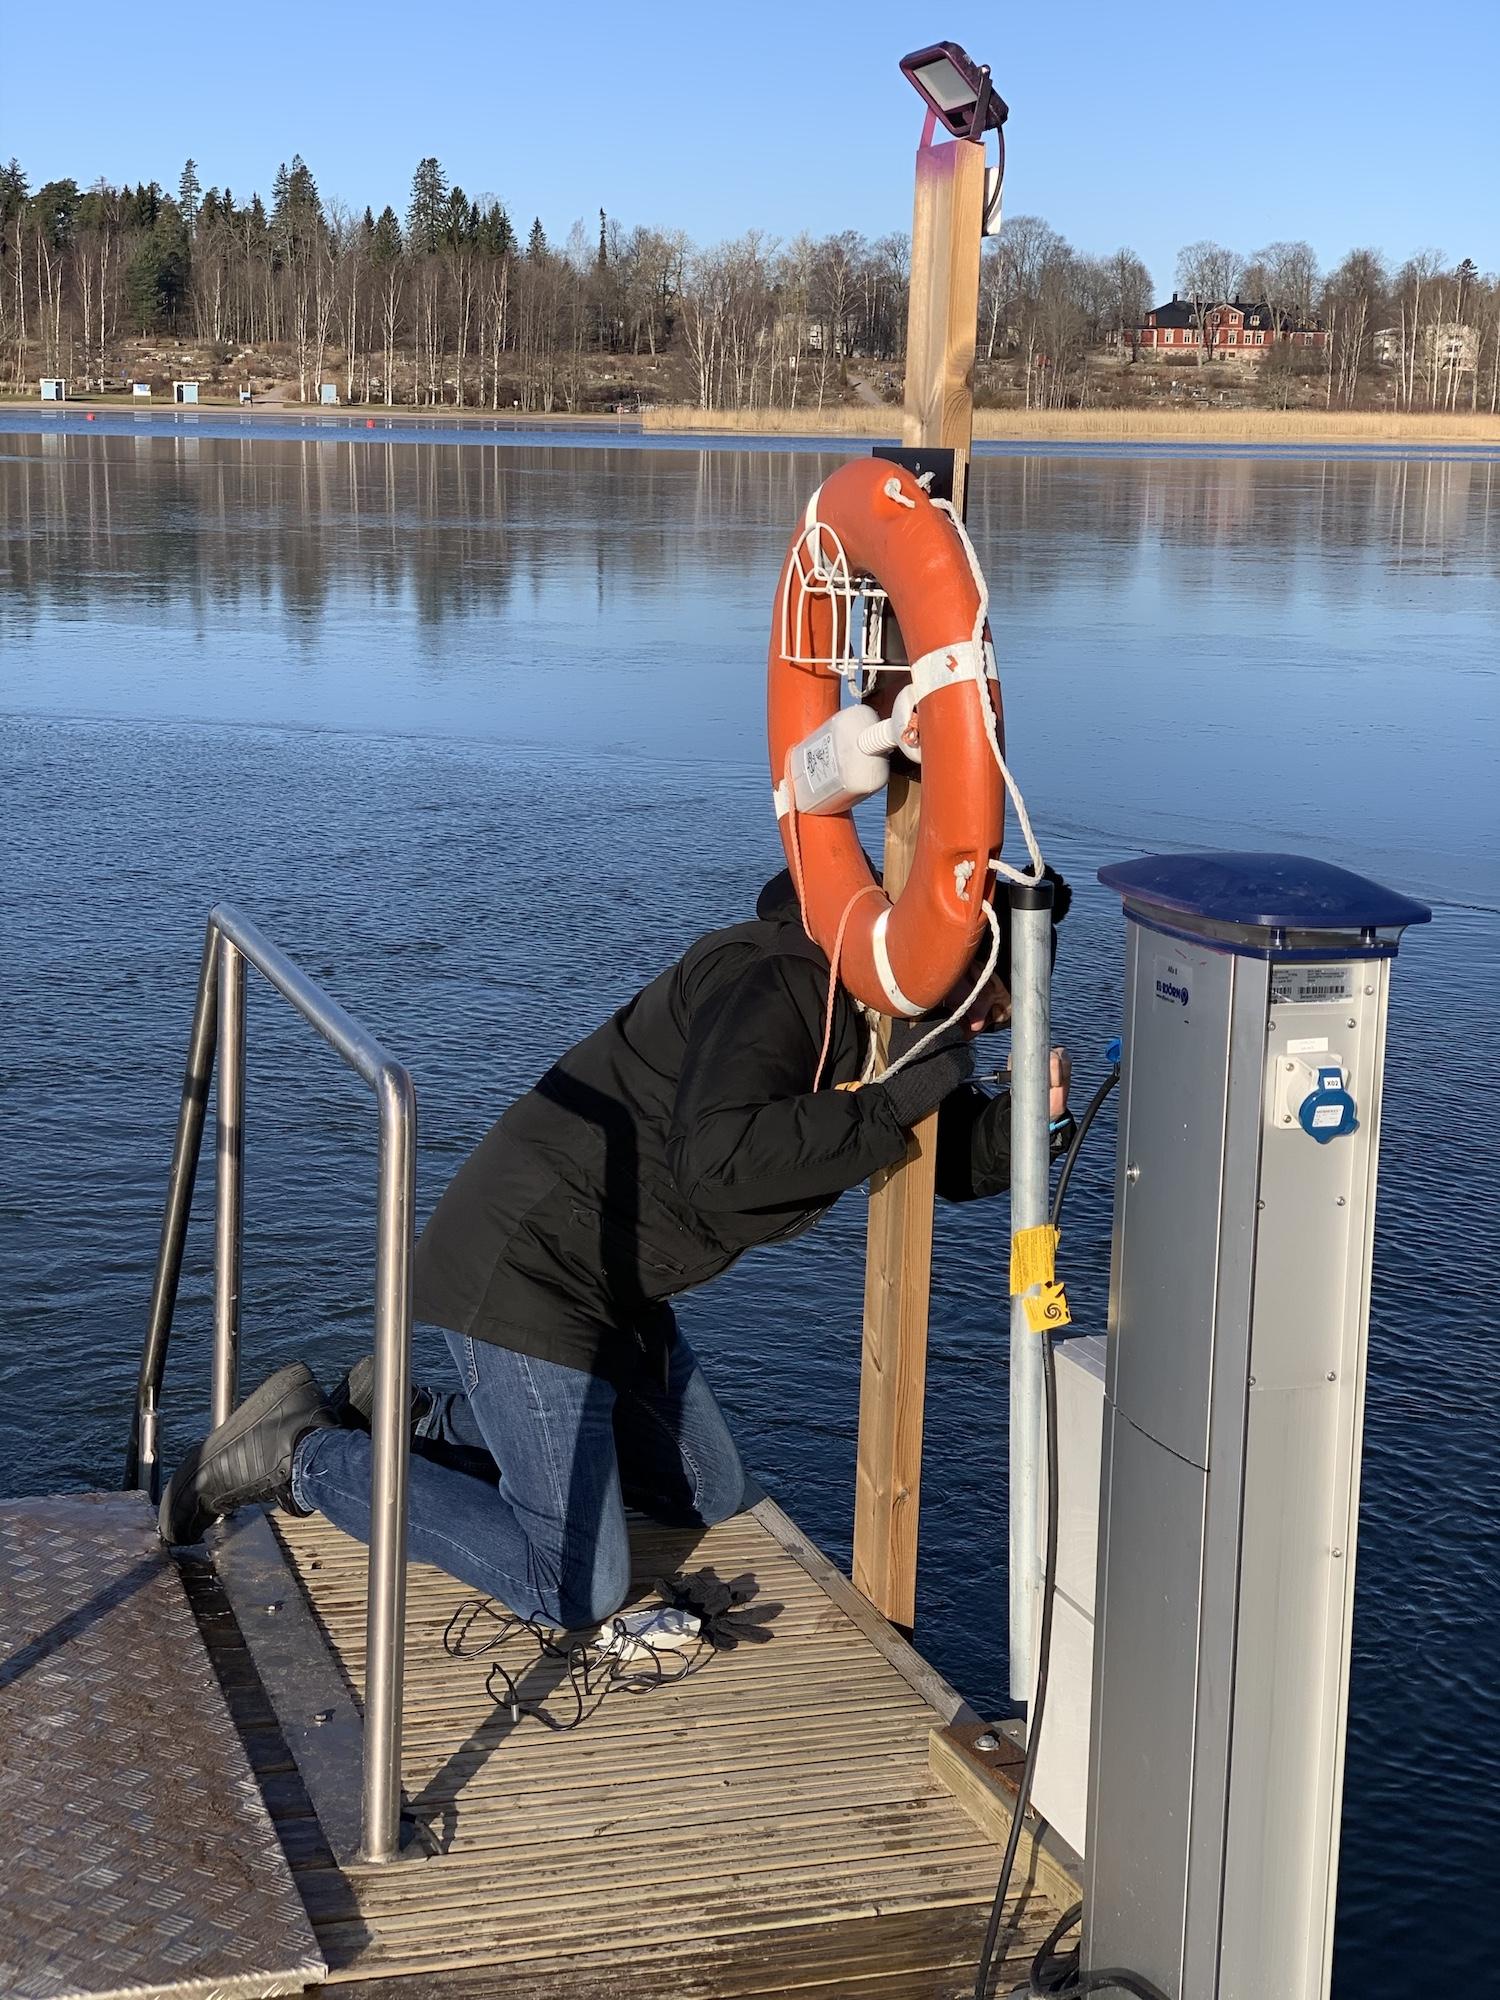 Meriveden Lämpötila Helsinki Hietaniemi